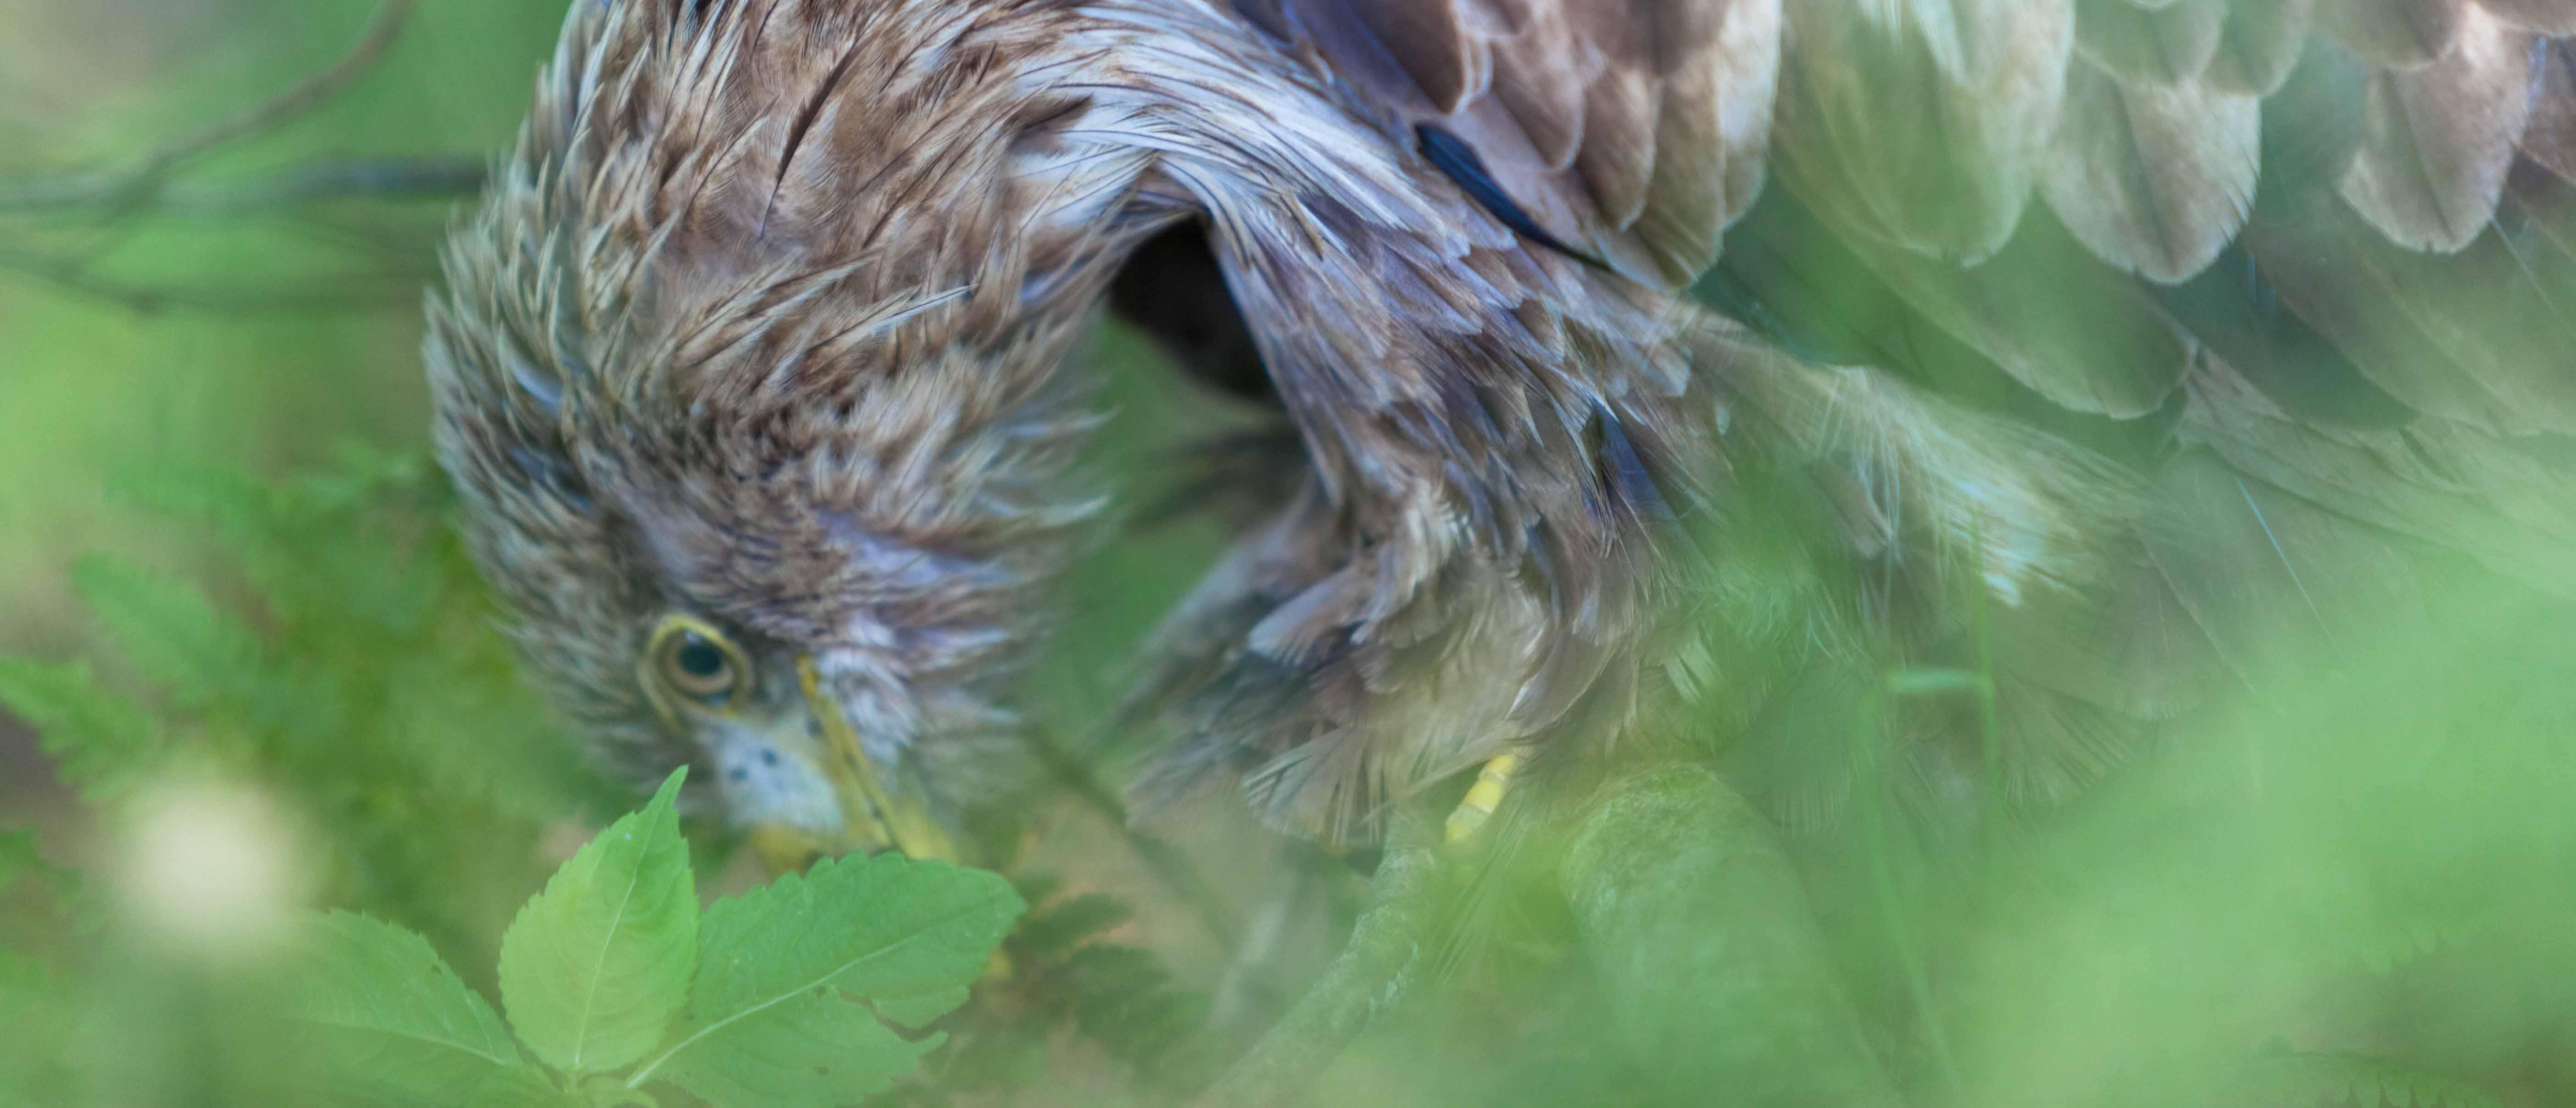 Der verletzte Seeadler aus Großharrie im Kreis Plön ist tot